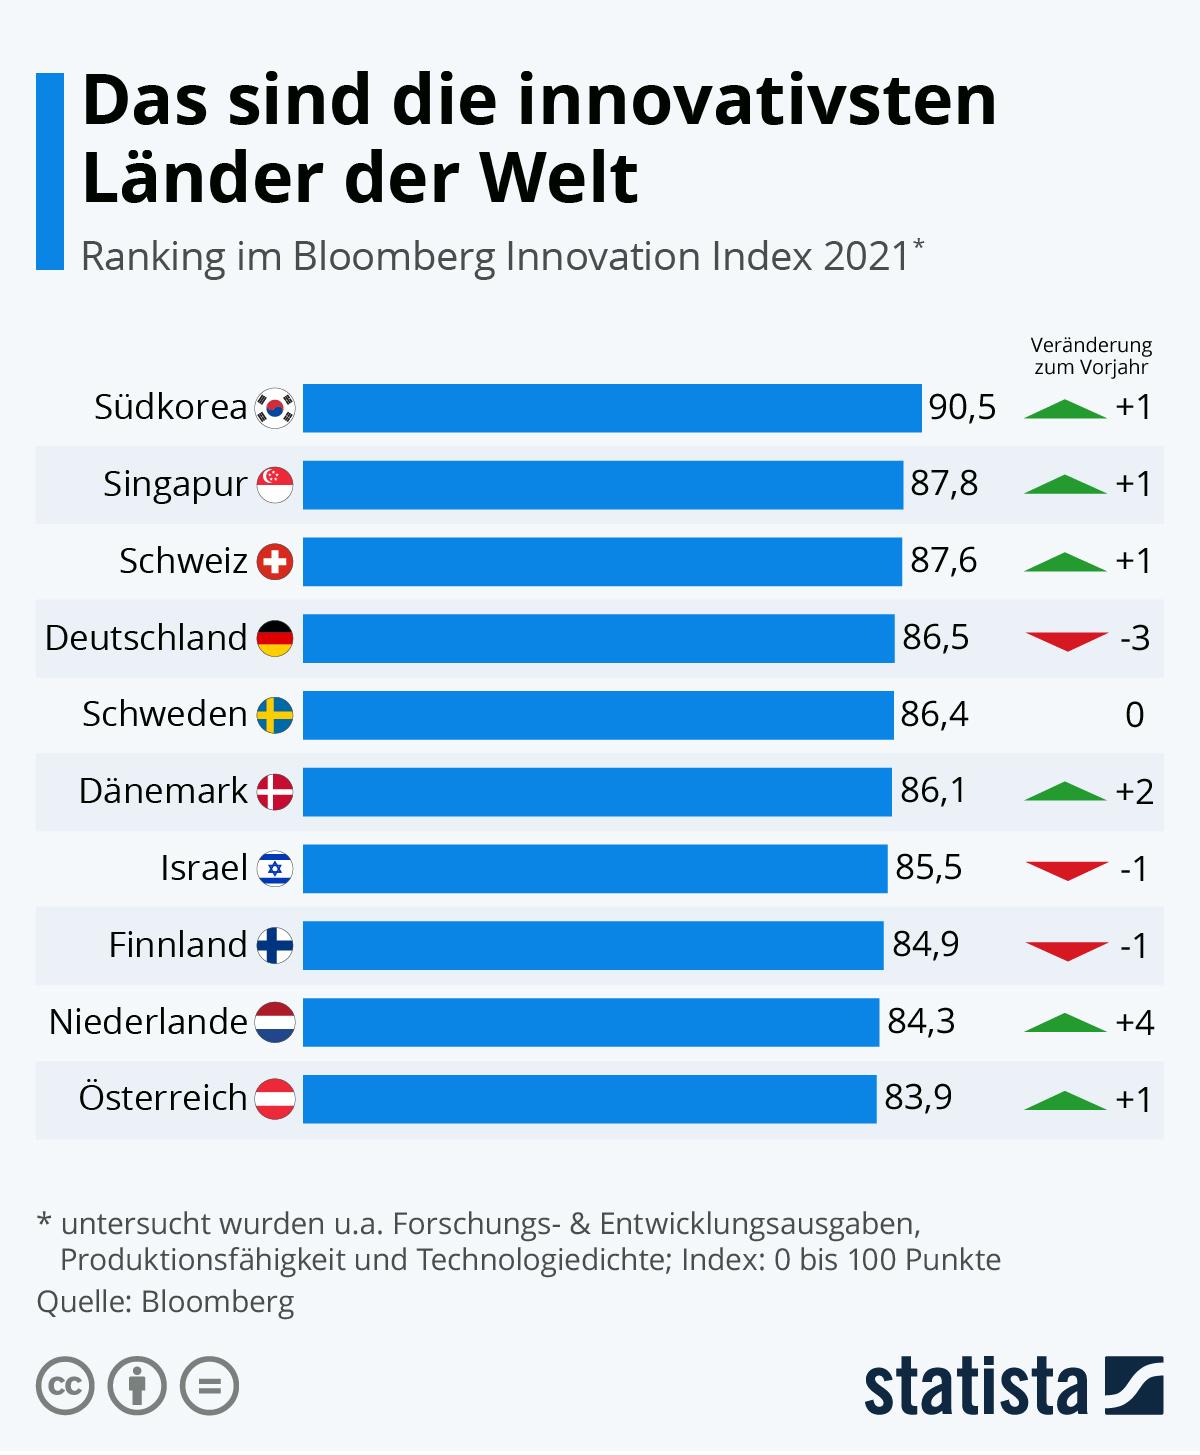 Das sind die innovativsten Länder der Welt | Statista